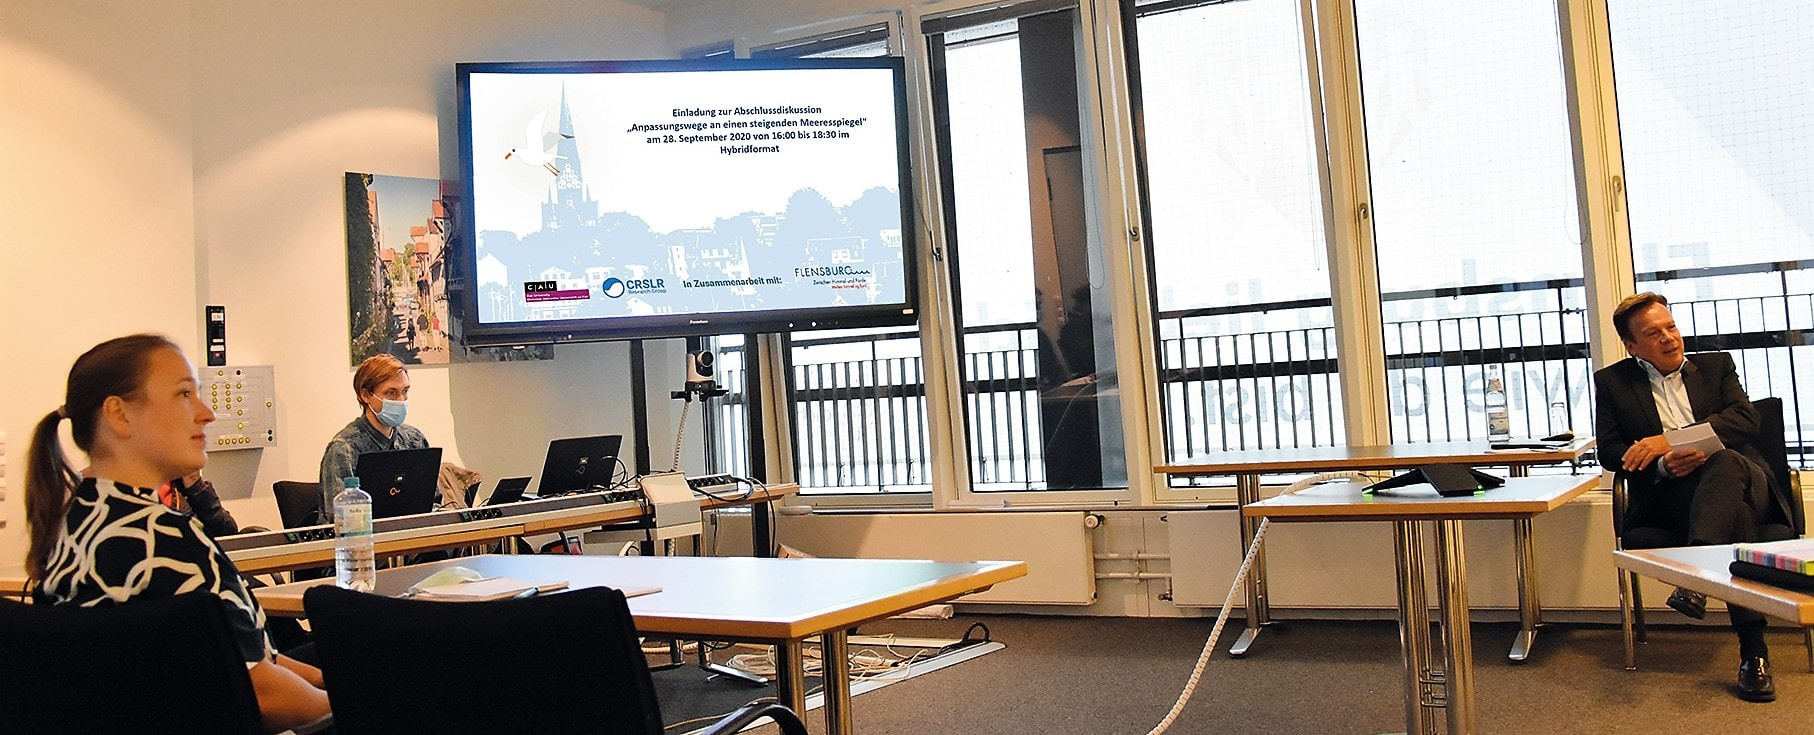 Unter der Leitung von Dr. Jana Koehrt (CAU Kiel, links im Bild) und der Moderation von Andreas Otto (RSH, rechts im Bild) wurde im Rahmen des Webinars mit Online- und einigen Präsenzteilnehmern intensiv über Flensburger Anpassungswege bezüglich des Klimawandels diskutiert.